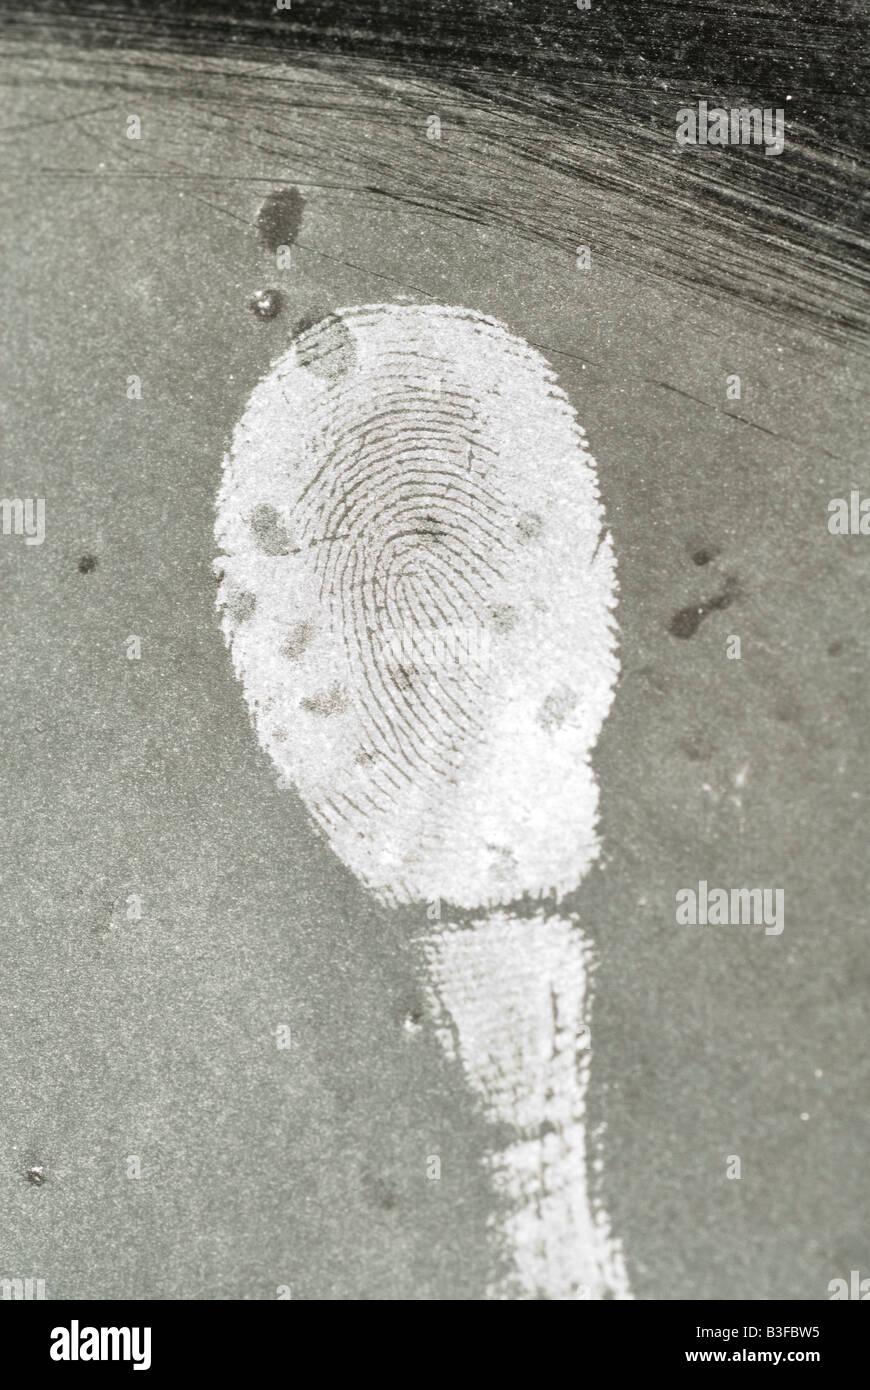 finger print - Stock Image